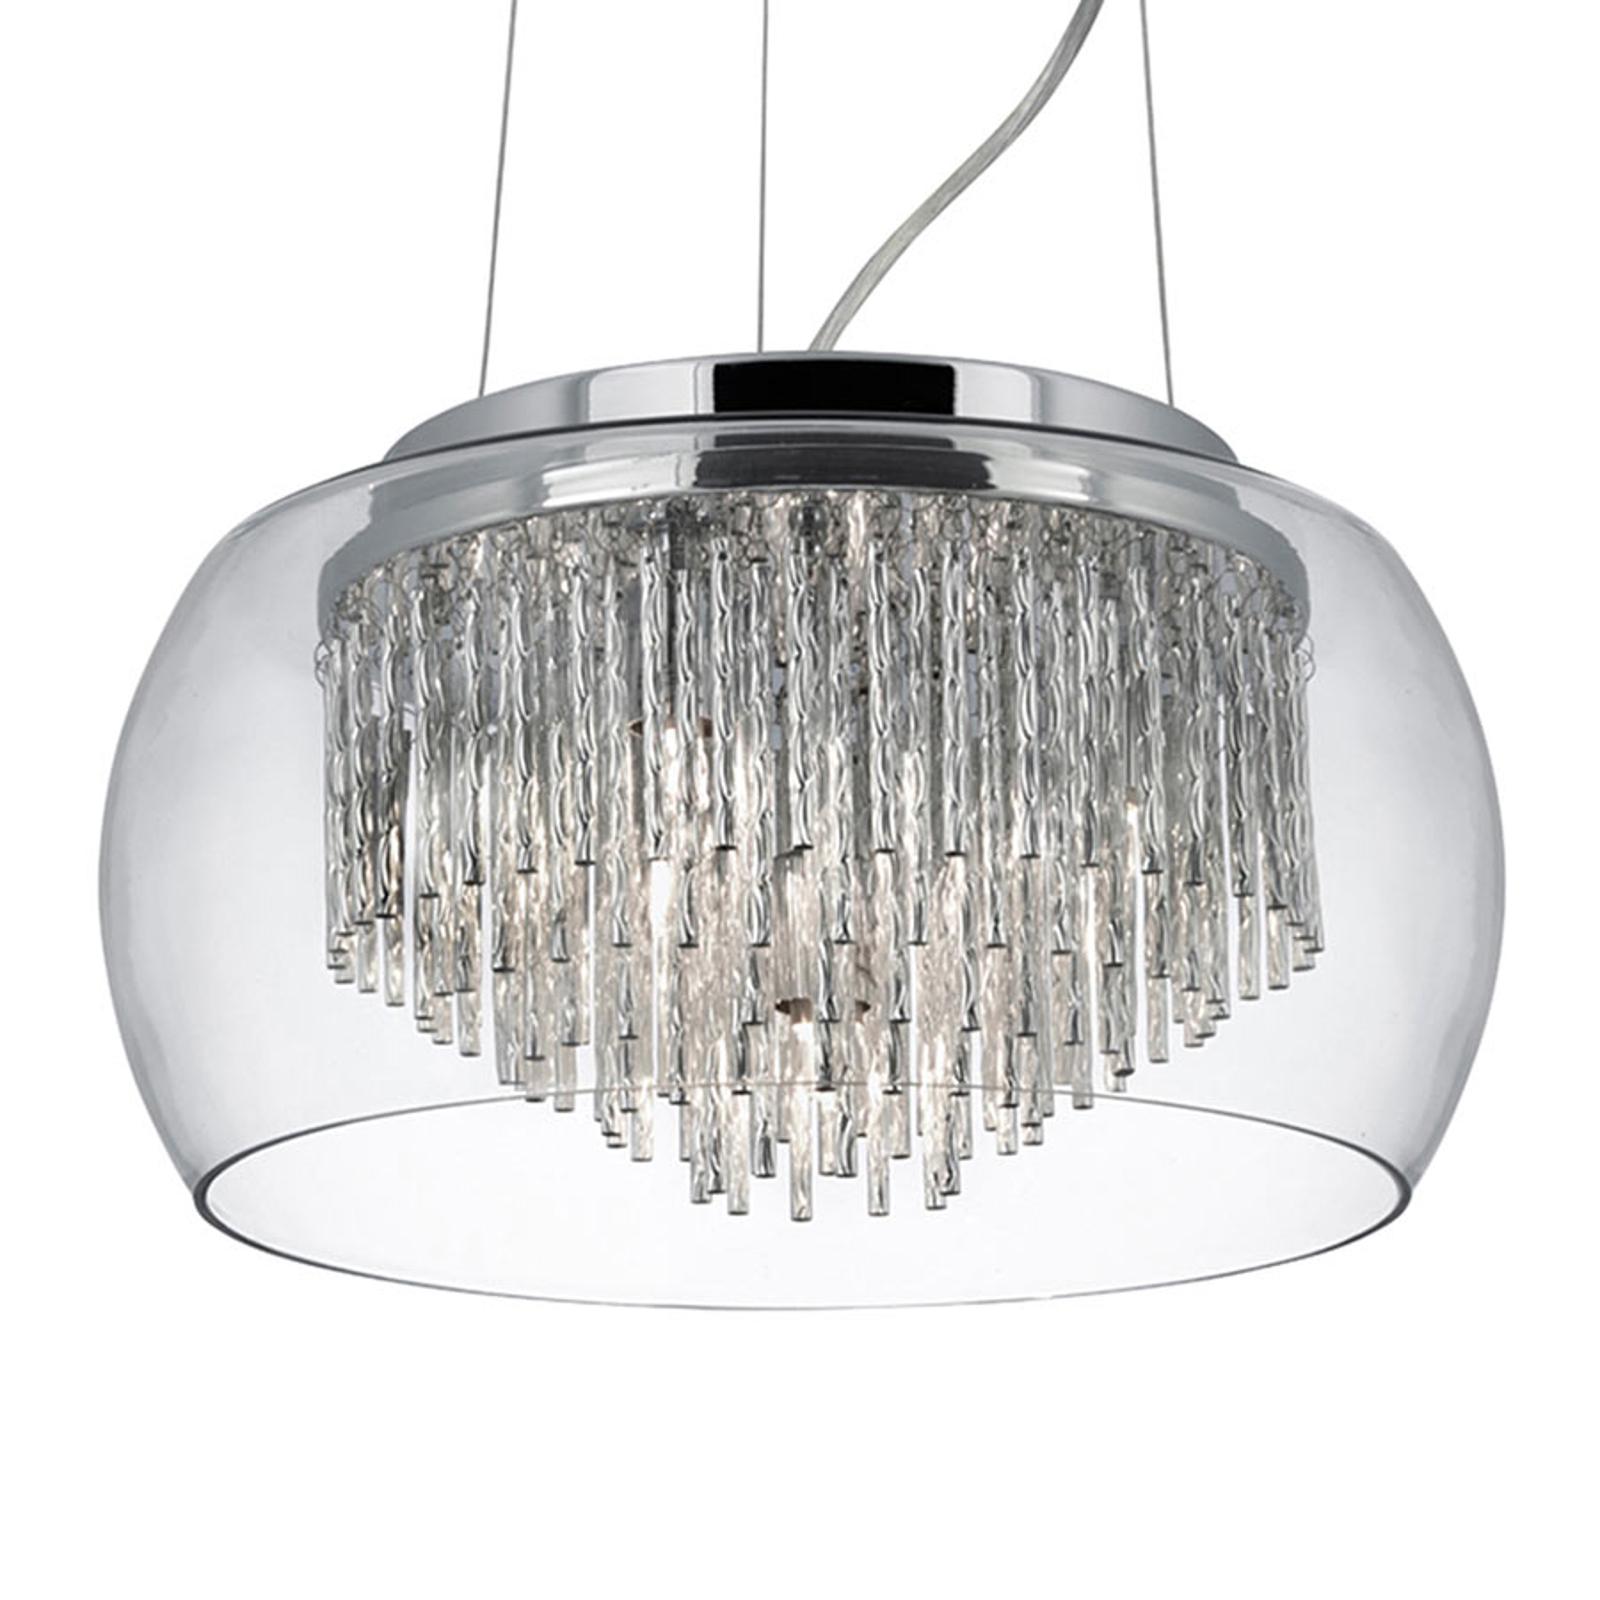 Glazen hanglamp Curva in glanzend ontwerp